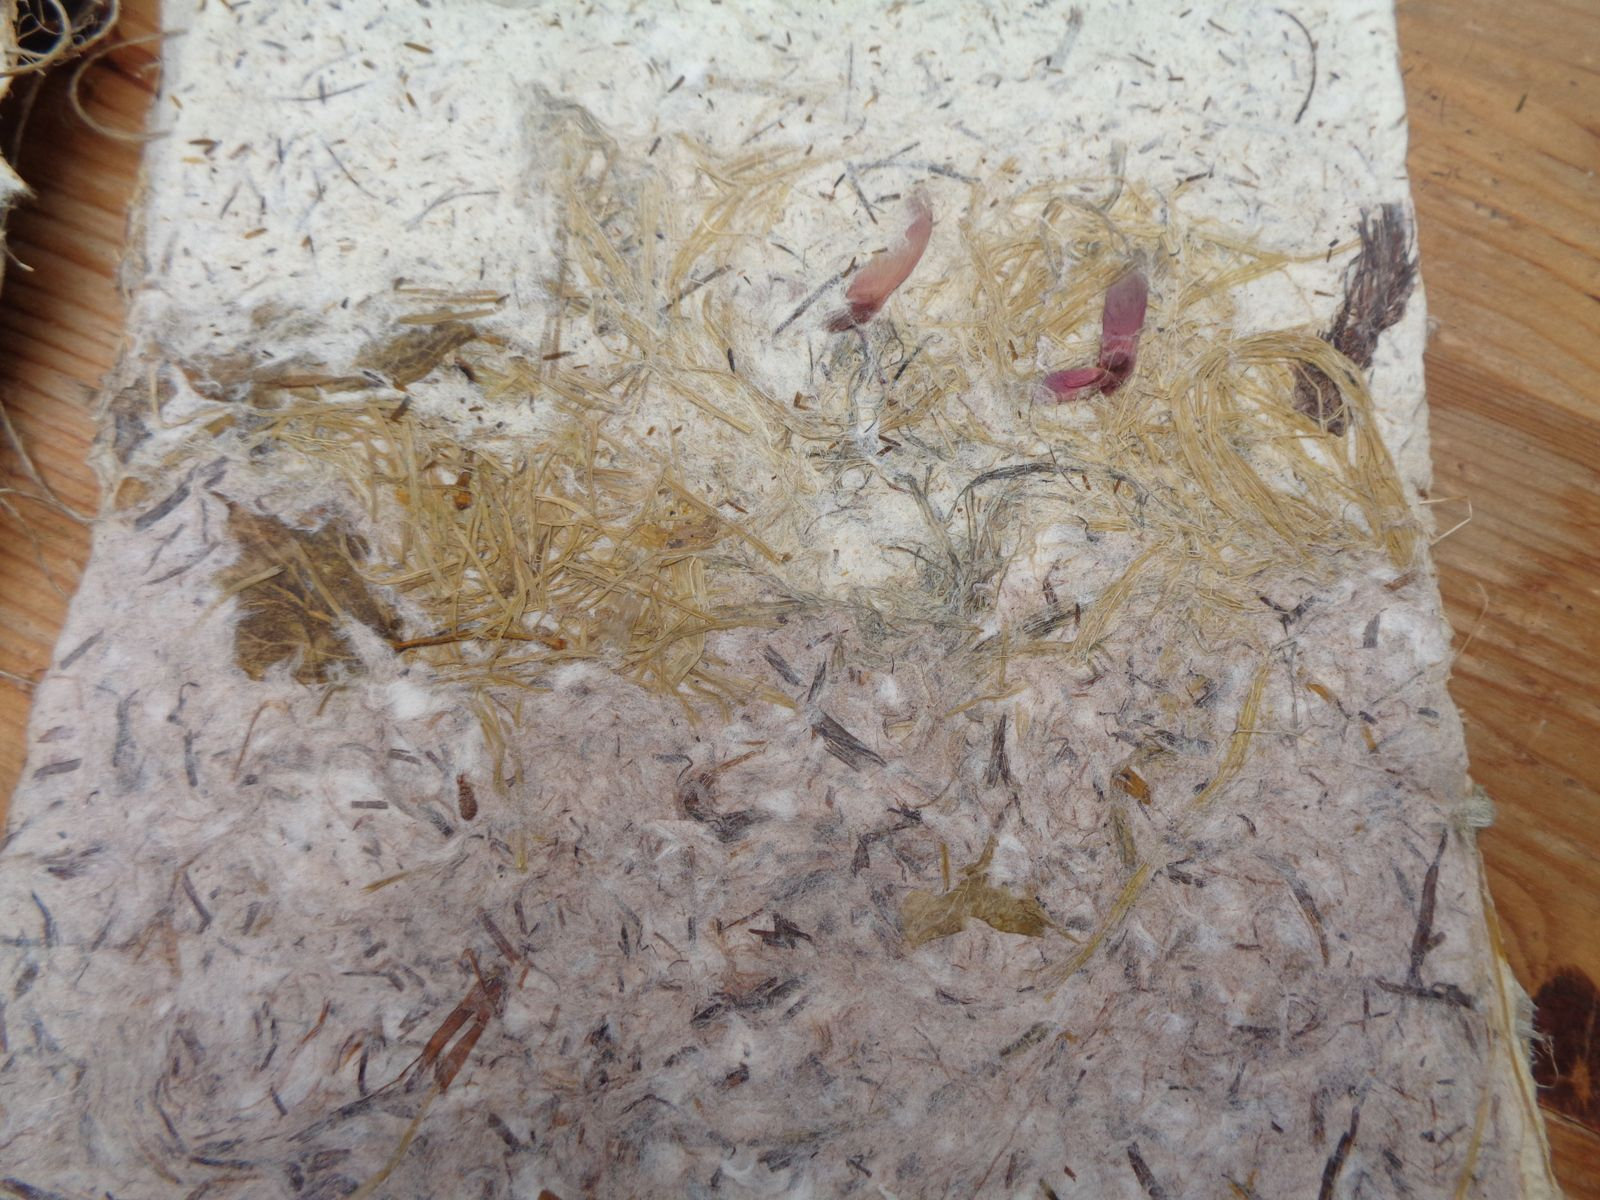 4 Livres carré petit format , feuilles de chataignier , feuilles et écorces, papier de carex, papier de mimosa et delphinium . Le grand livre carré: jonc, carex, asperge, feuilles de châtaignier, plumet de la pampa, feuilles d'ortie, armoise ,papyrus ...................